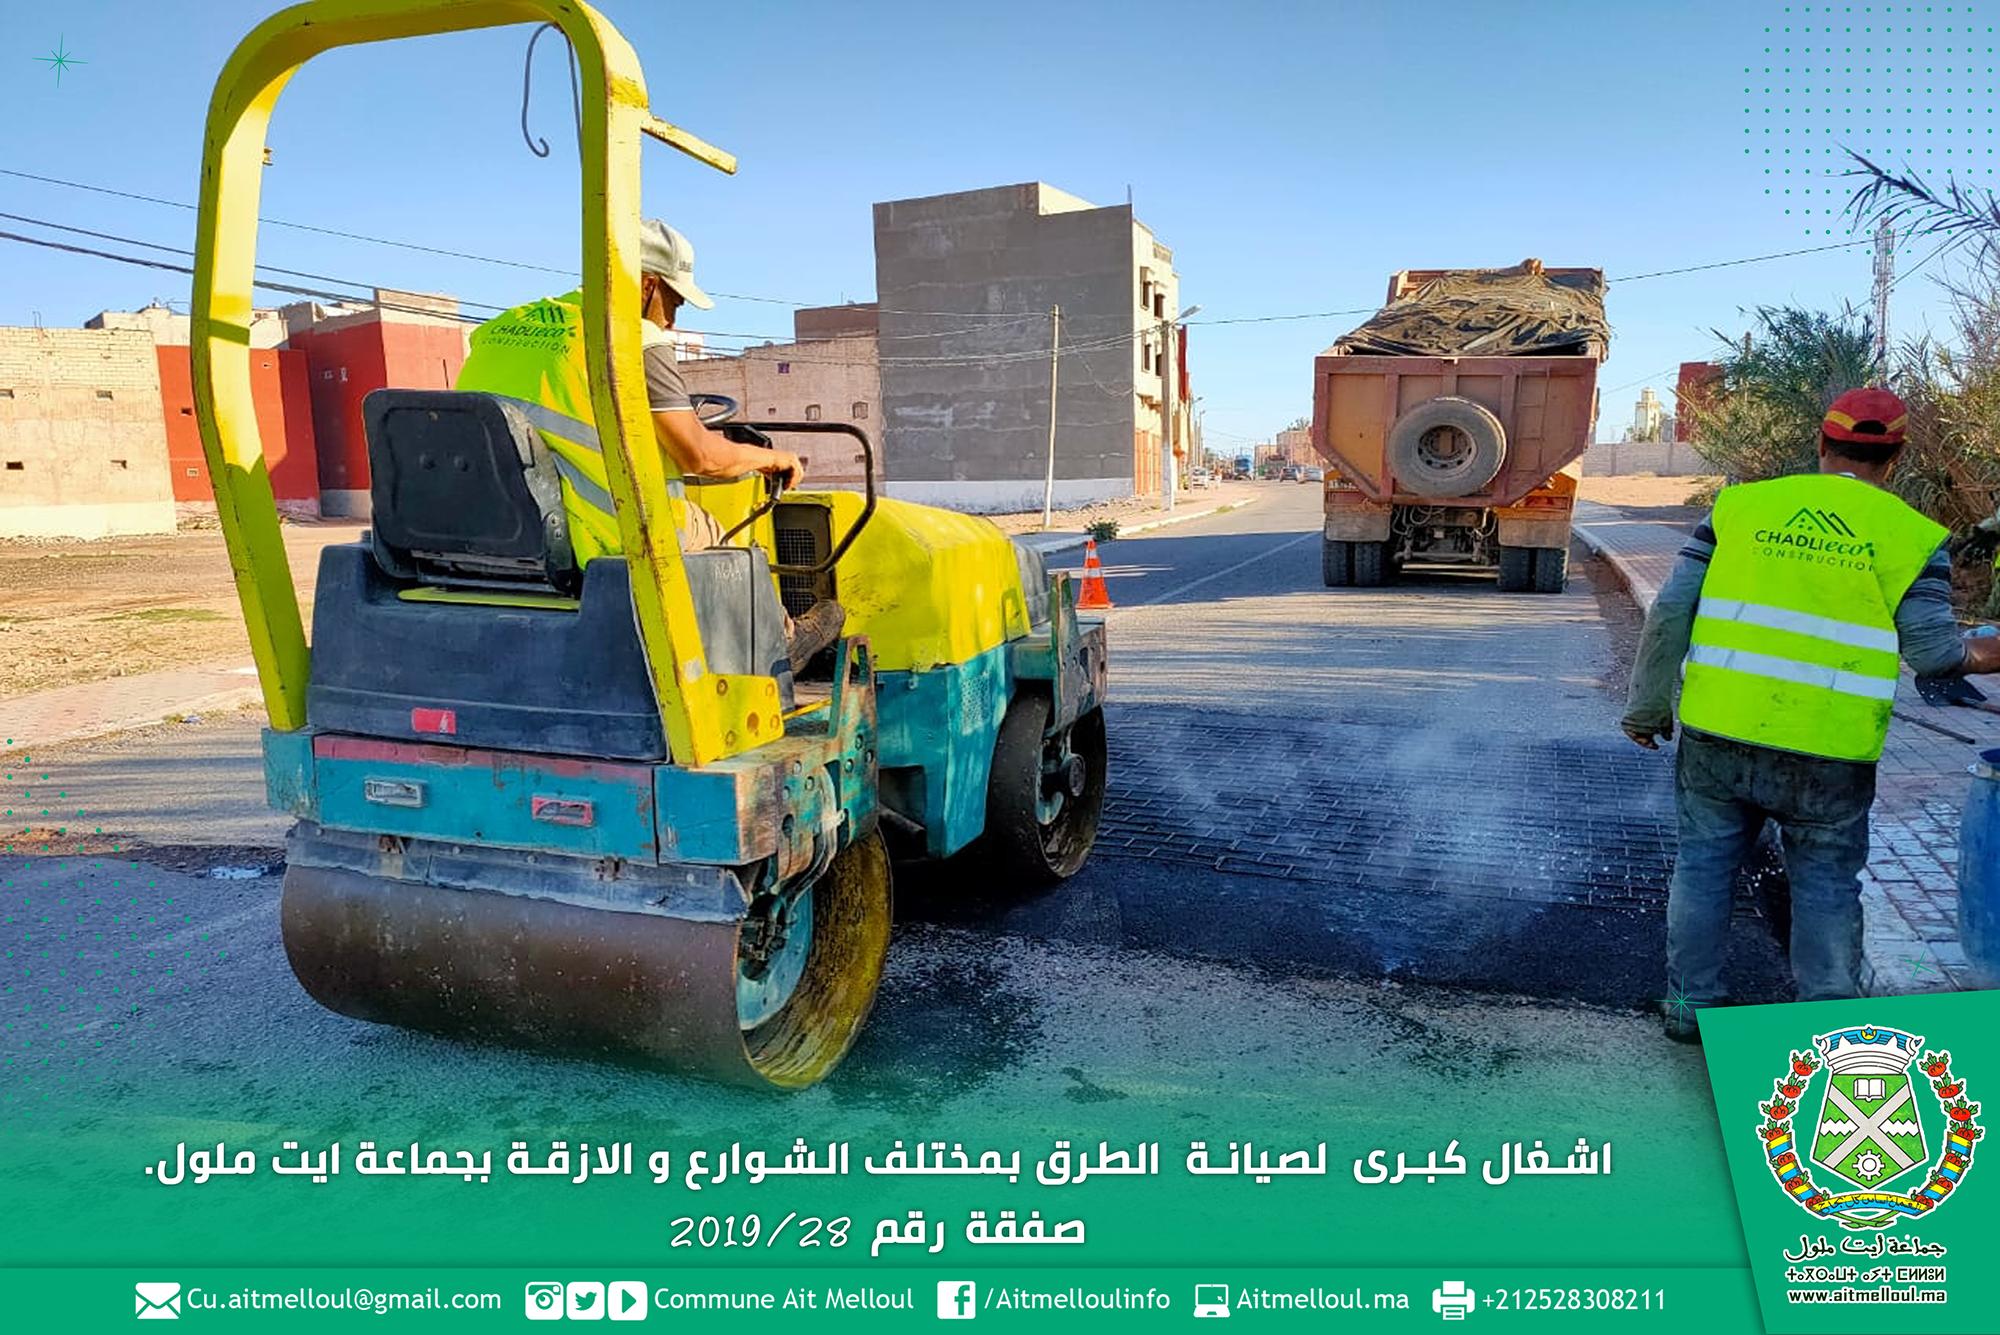 أيت ملول - تتبيث محدودبات السرعة بعدد من شوارع المدينة في إطار أشغال الصيانة الإعتيادية للطرق